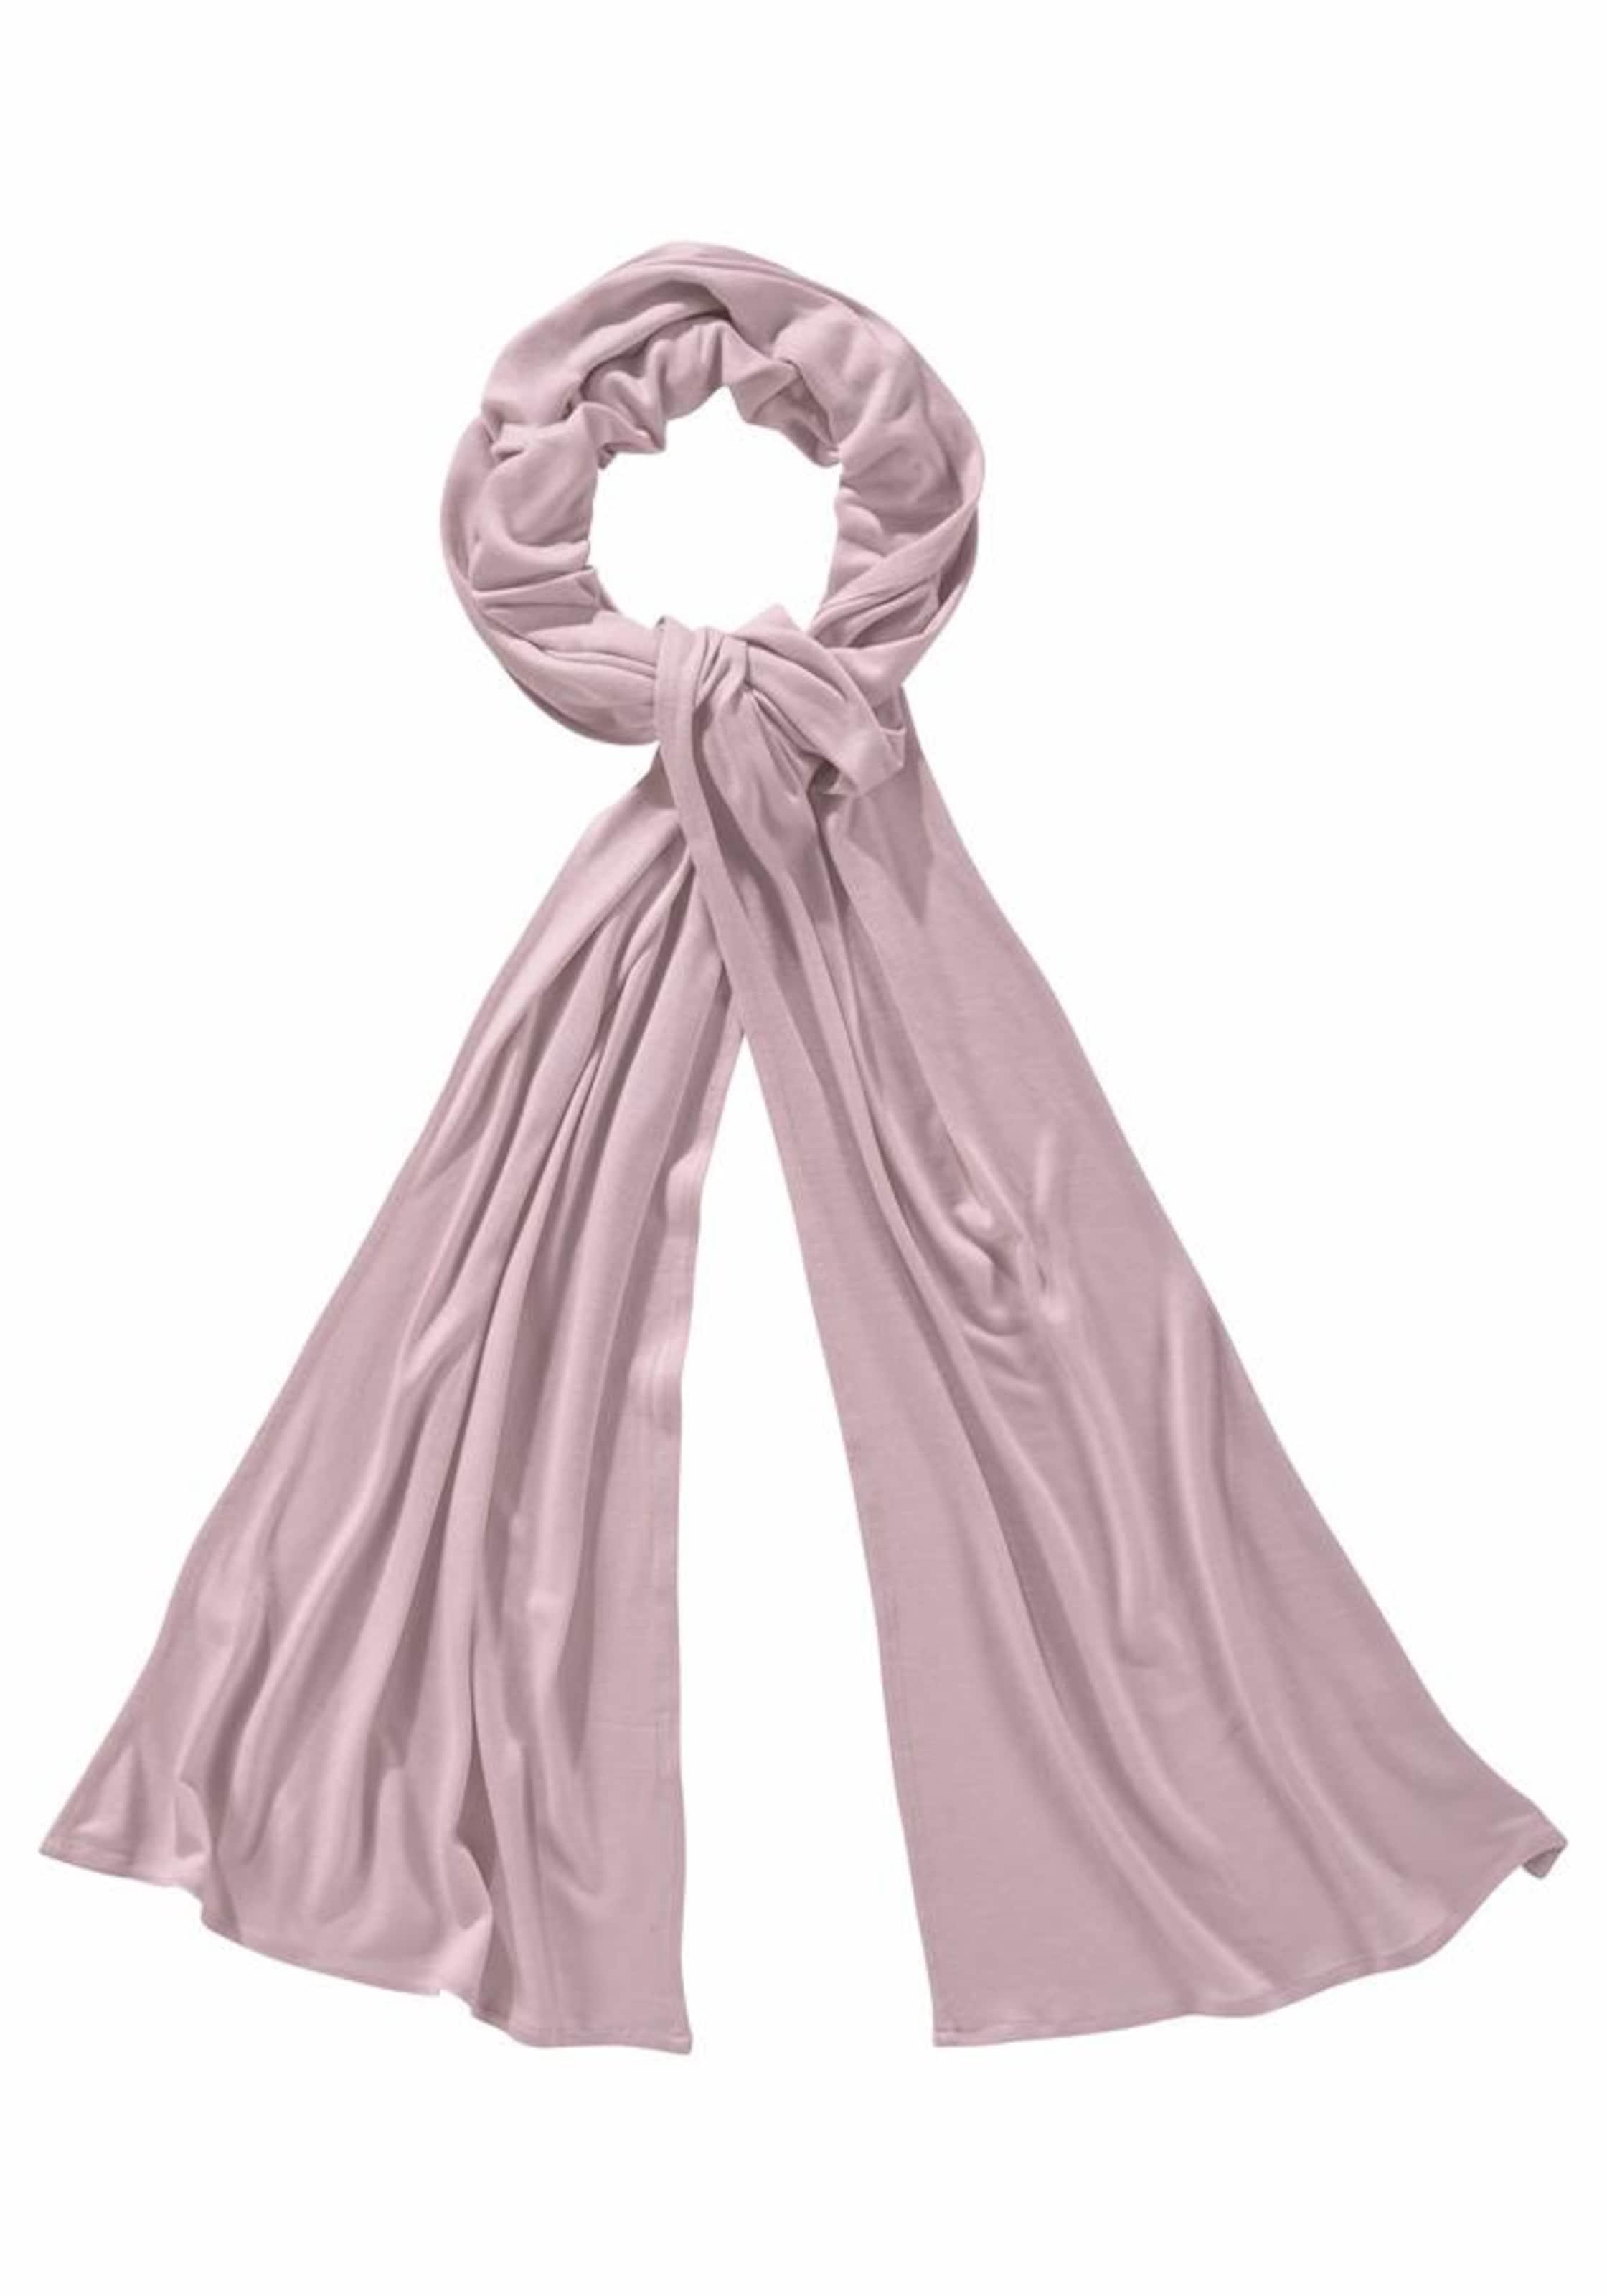 Günstig Preis-Kosten J. Jayz Modeschal Schnelle Lieferung Zu Verkaufen Offizielle Seite Verkauf Online Freies Verschiffen Große Überraschung G74aZQgq